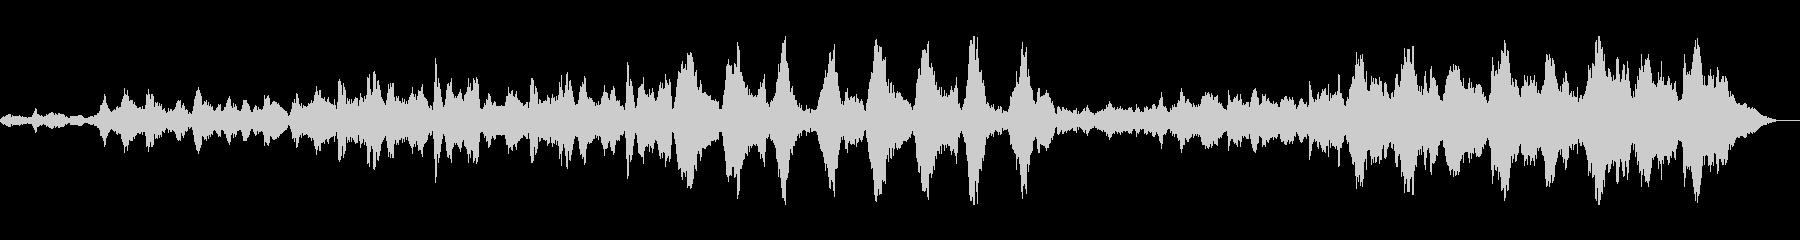 バイオリン等を使用したアンビエントの未再生の波形